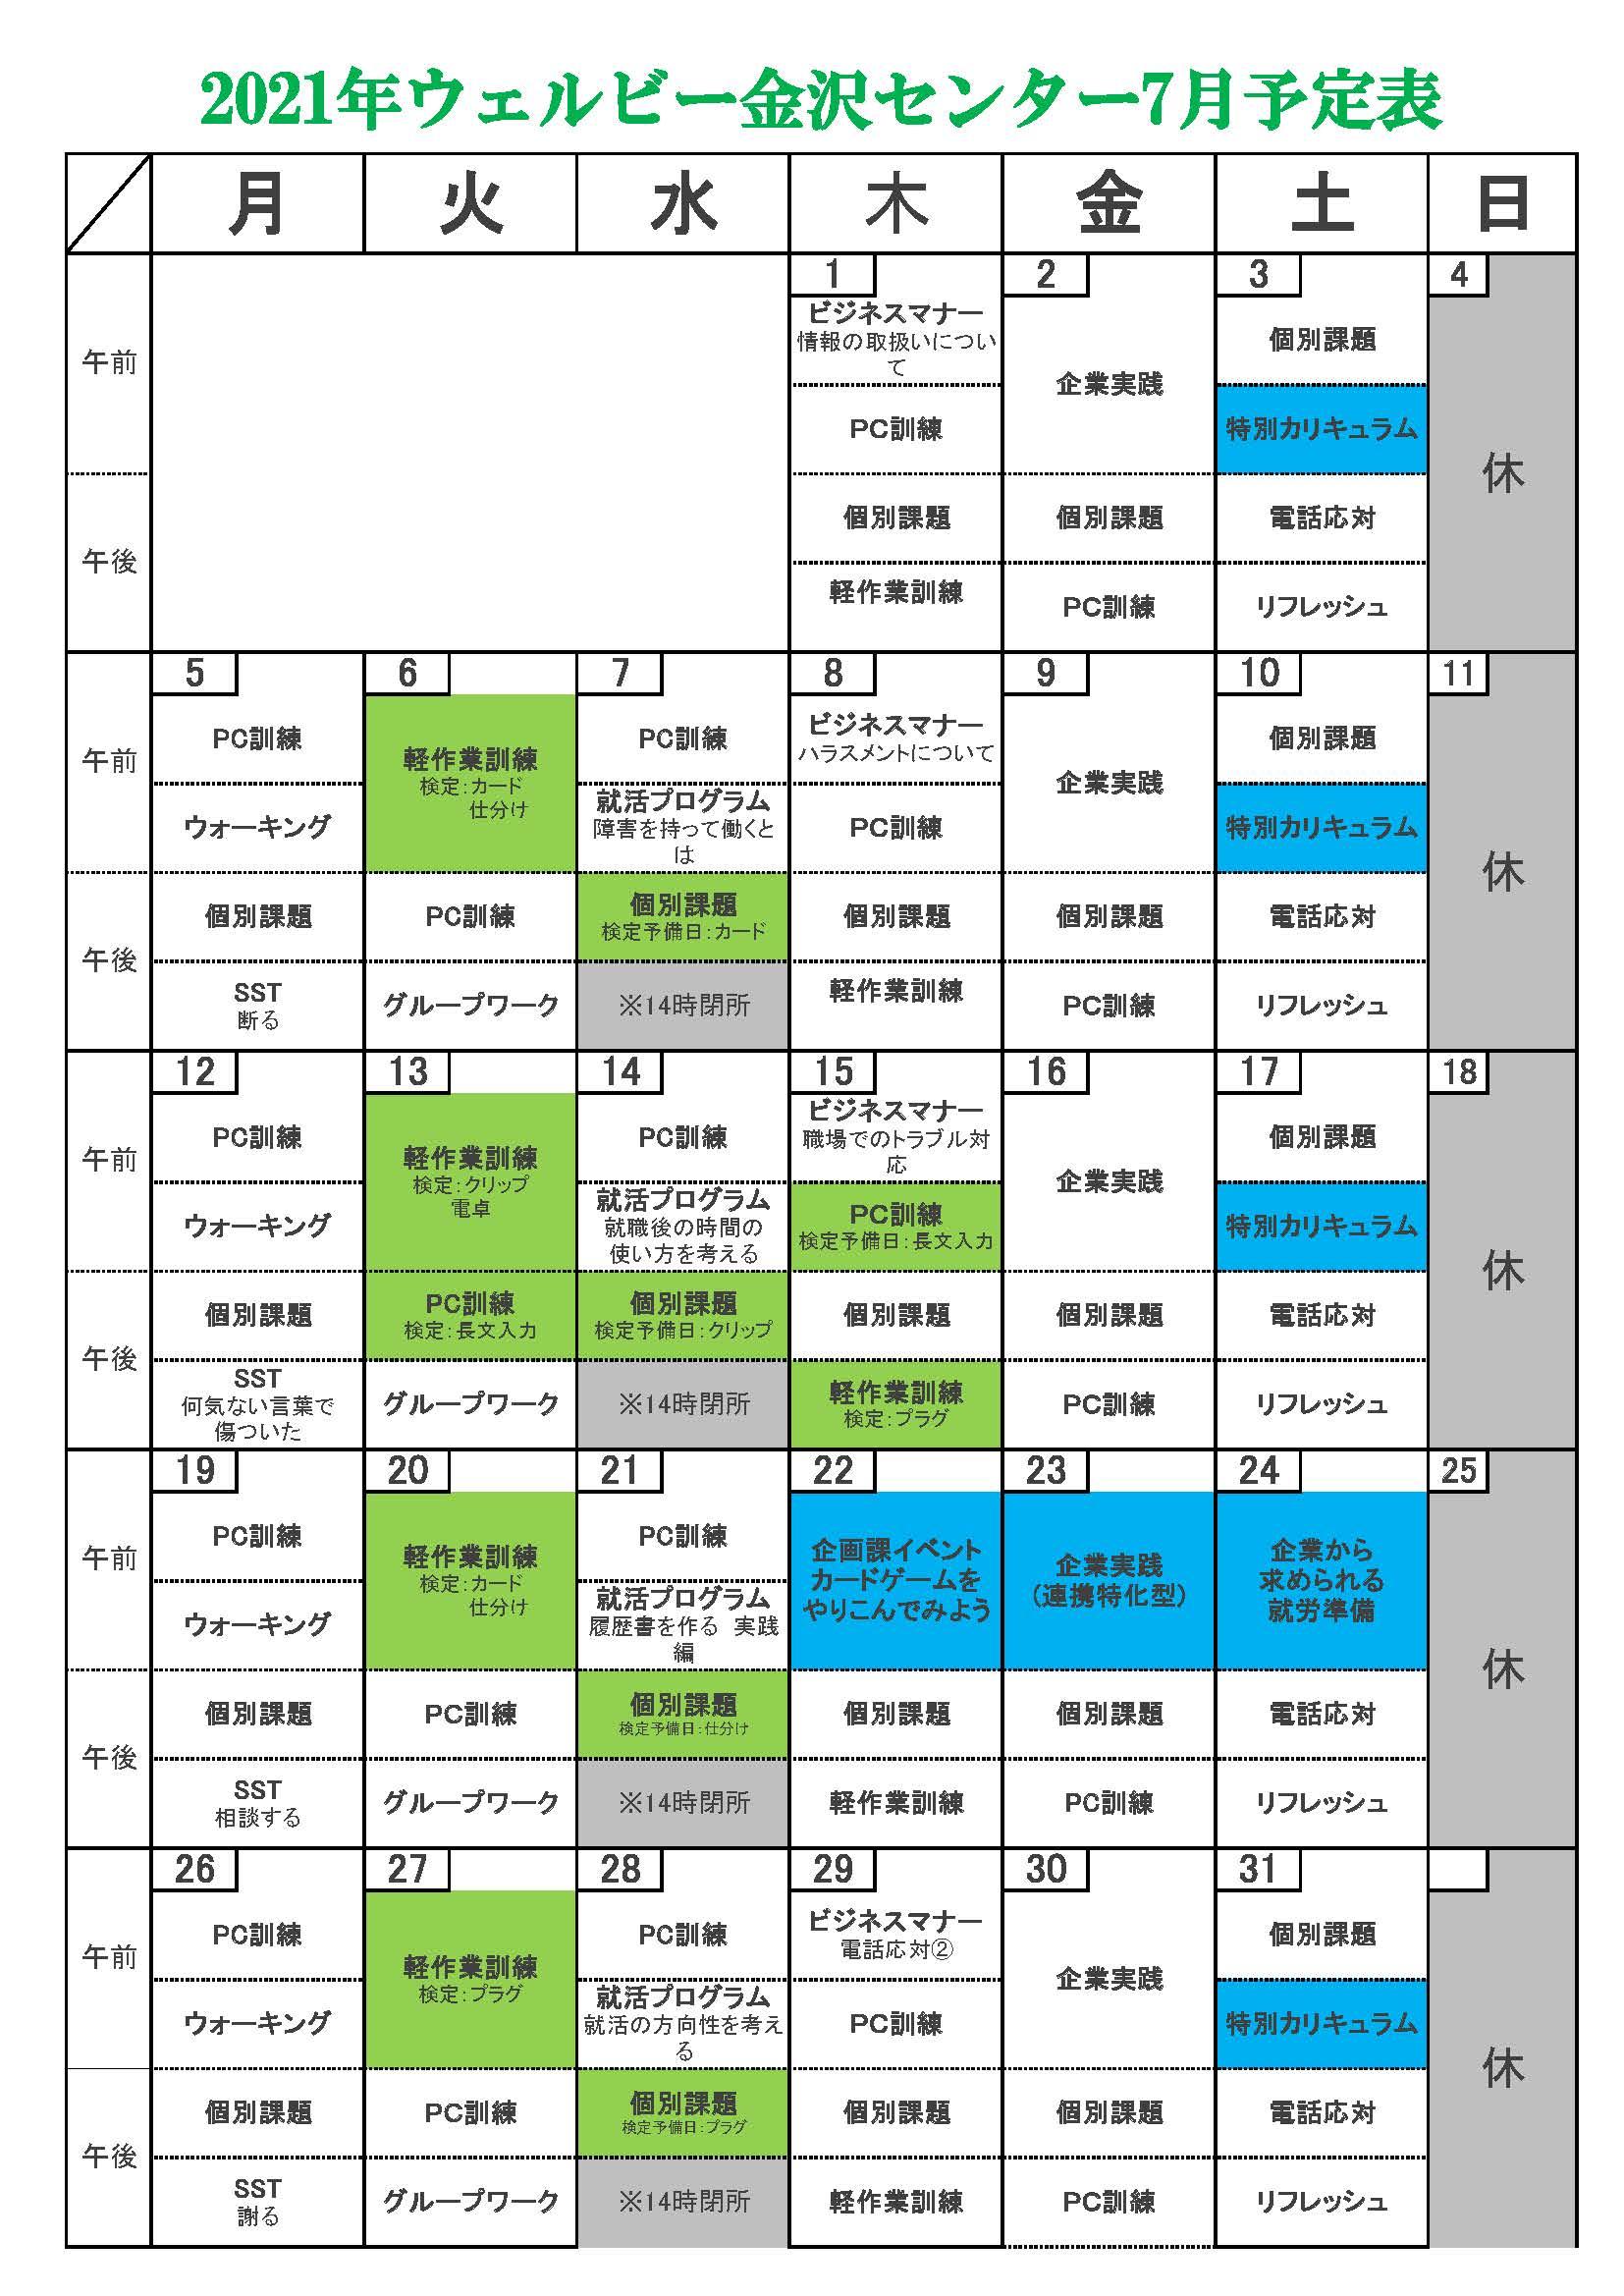 ウェルビー金沢センター月間予定表